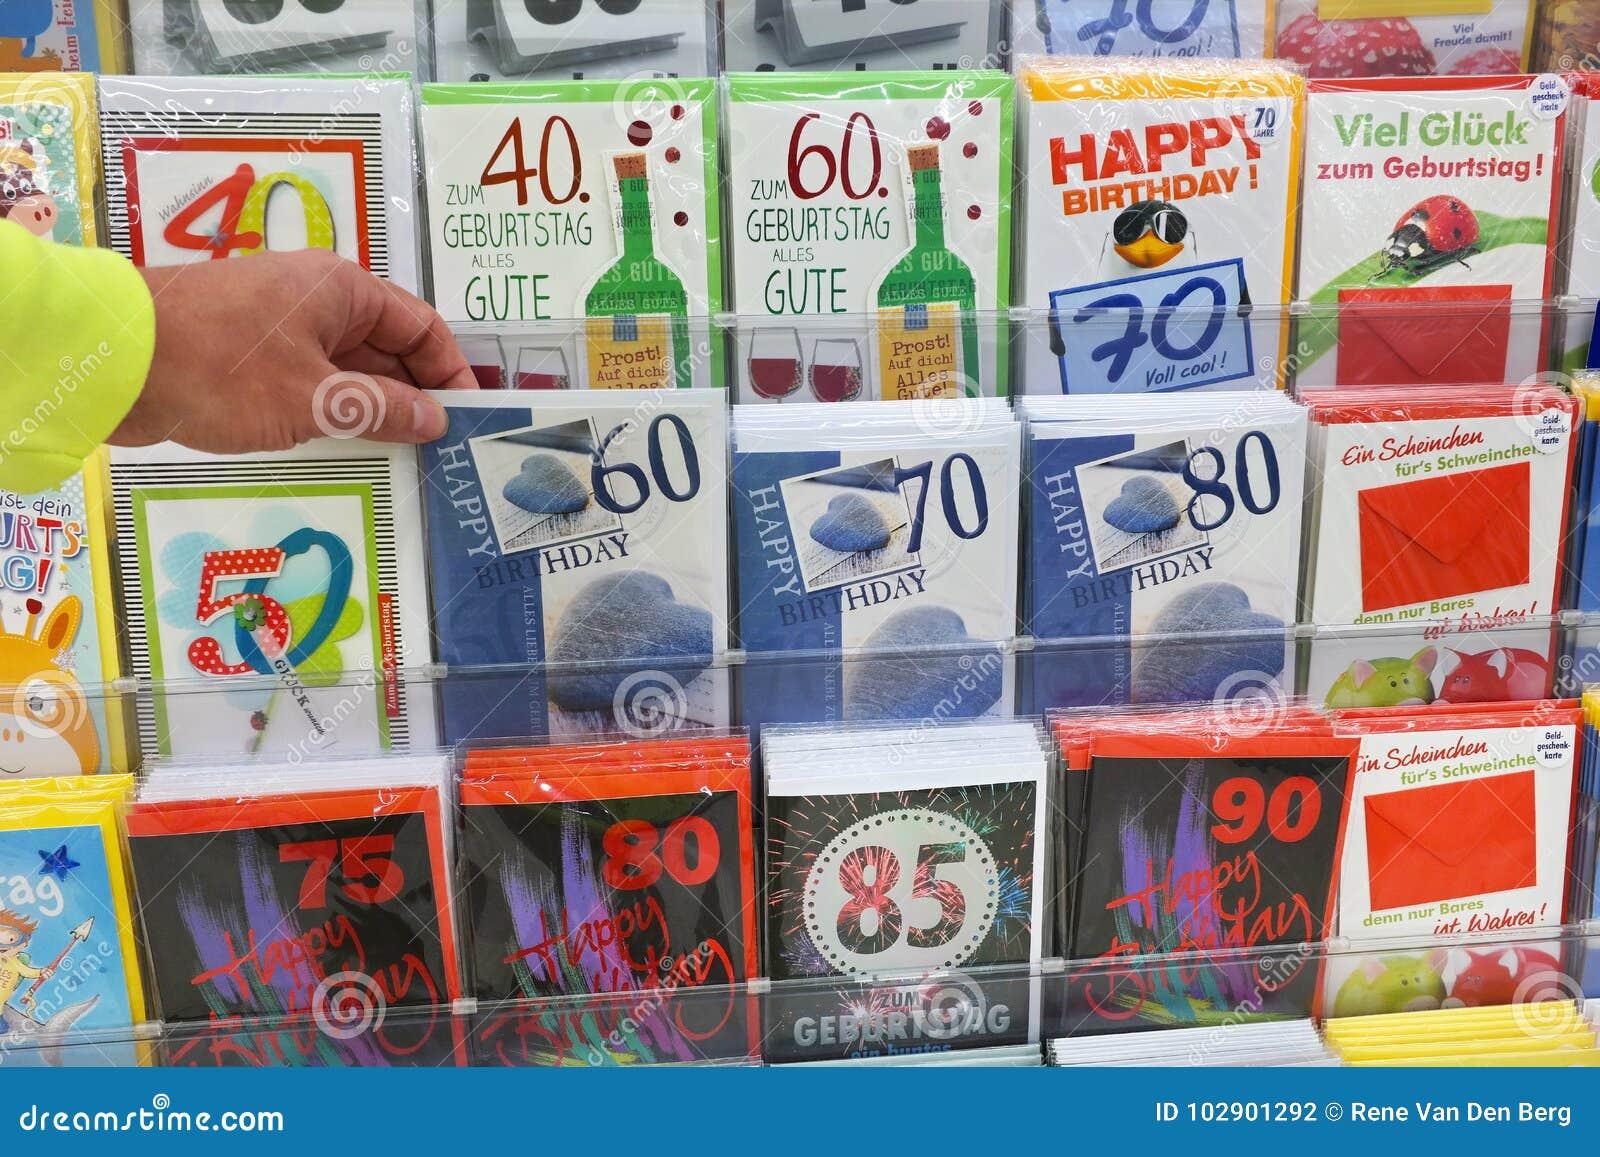 Postkarten in einem Supermarkt